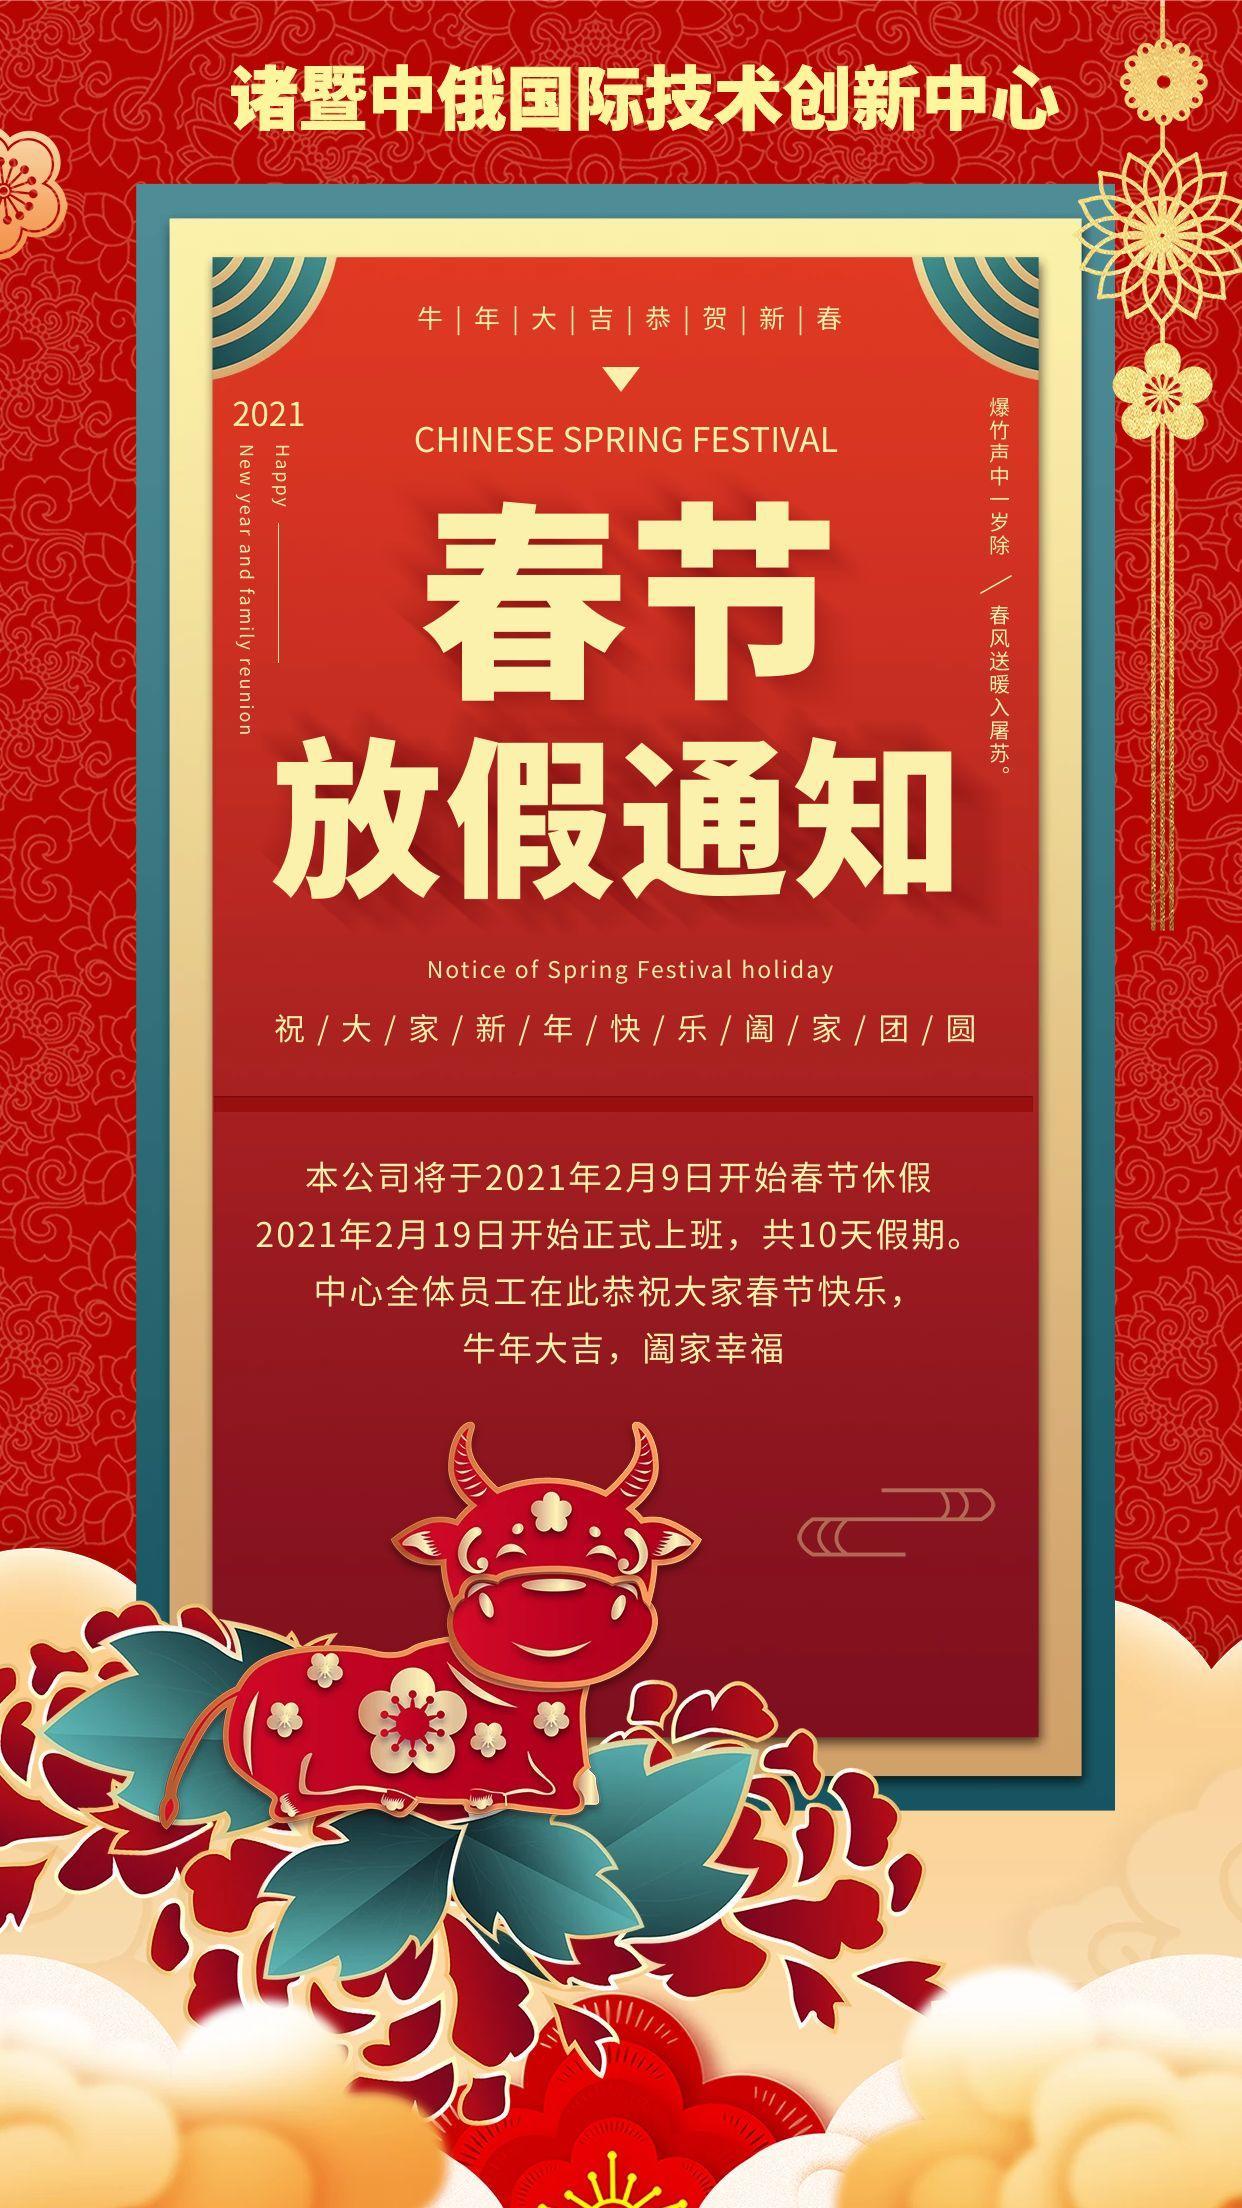 春节放假通知红色烫金风海报.jpg